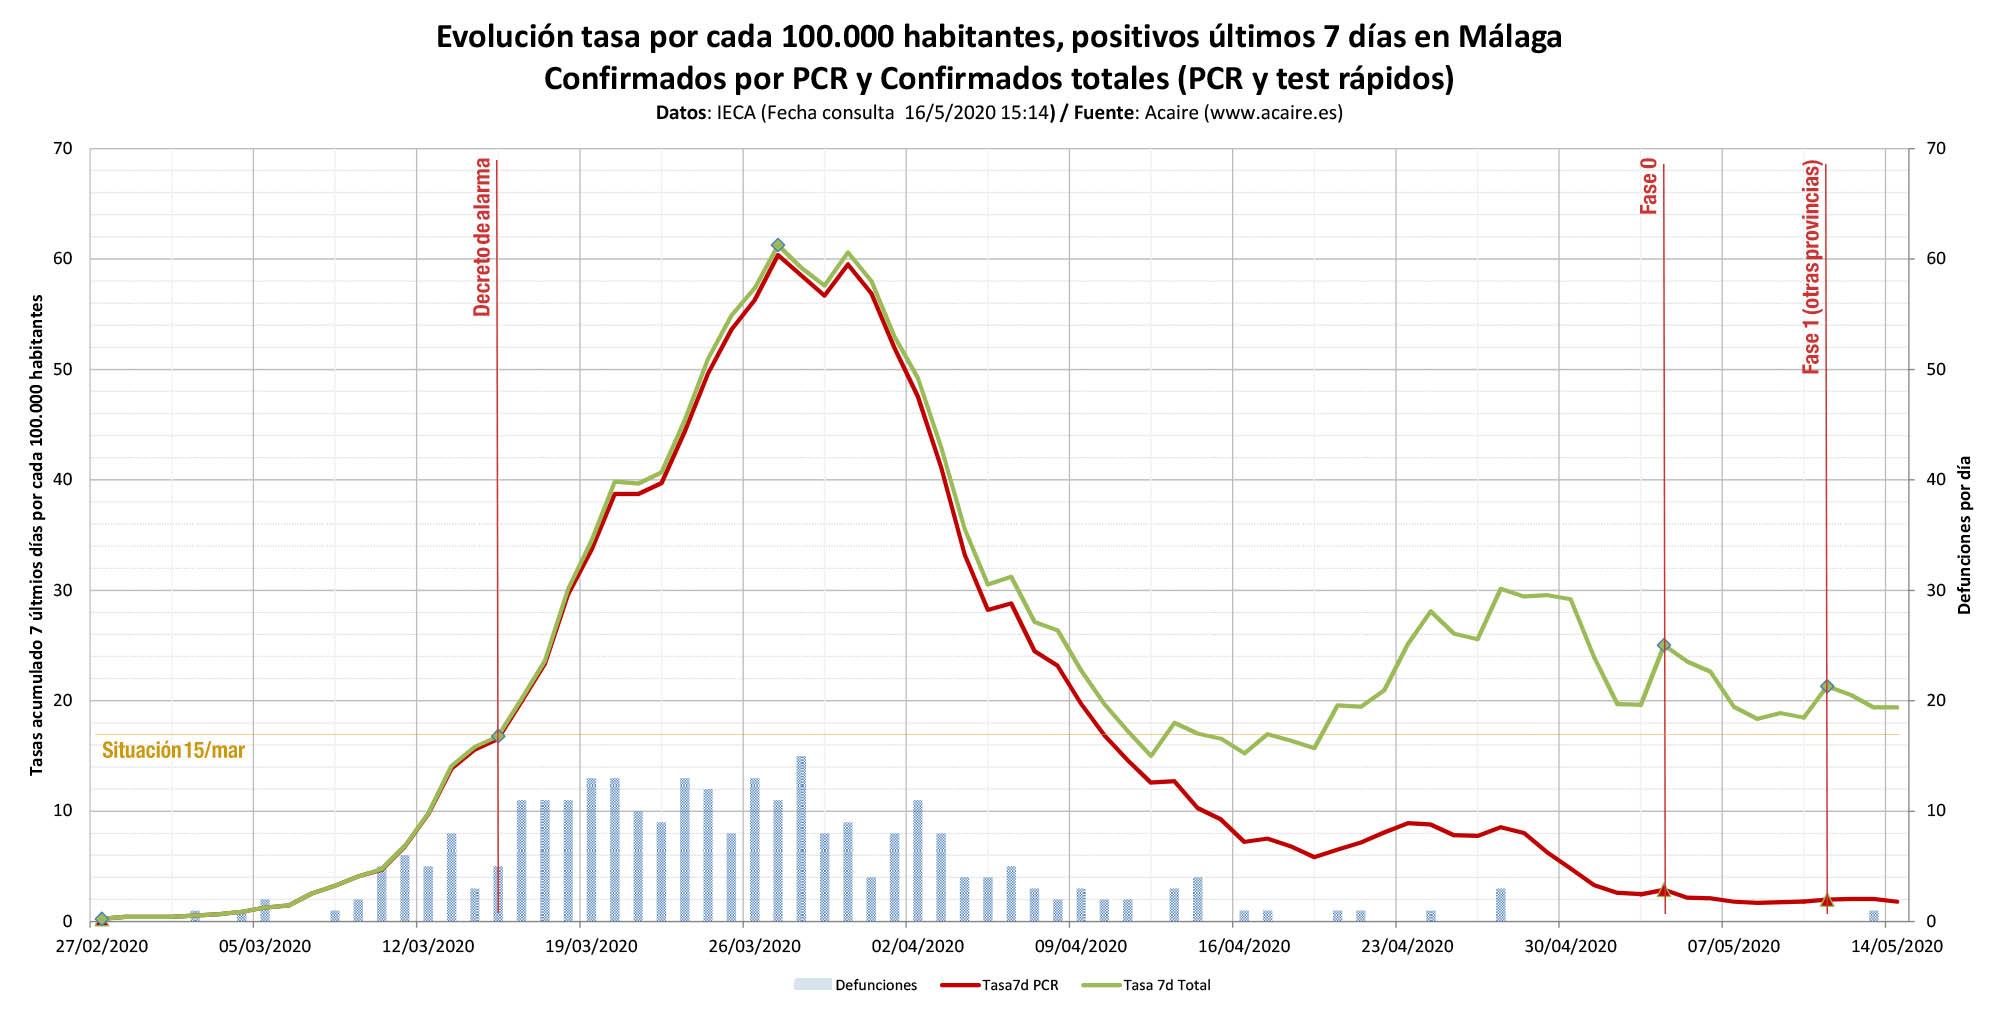 Evolución tasa confirmados a 7 días (Málaga)